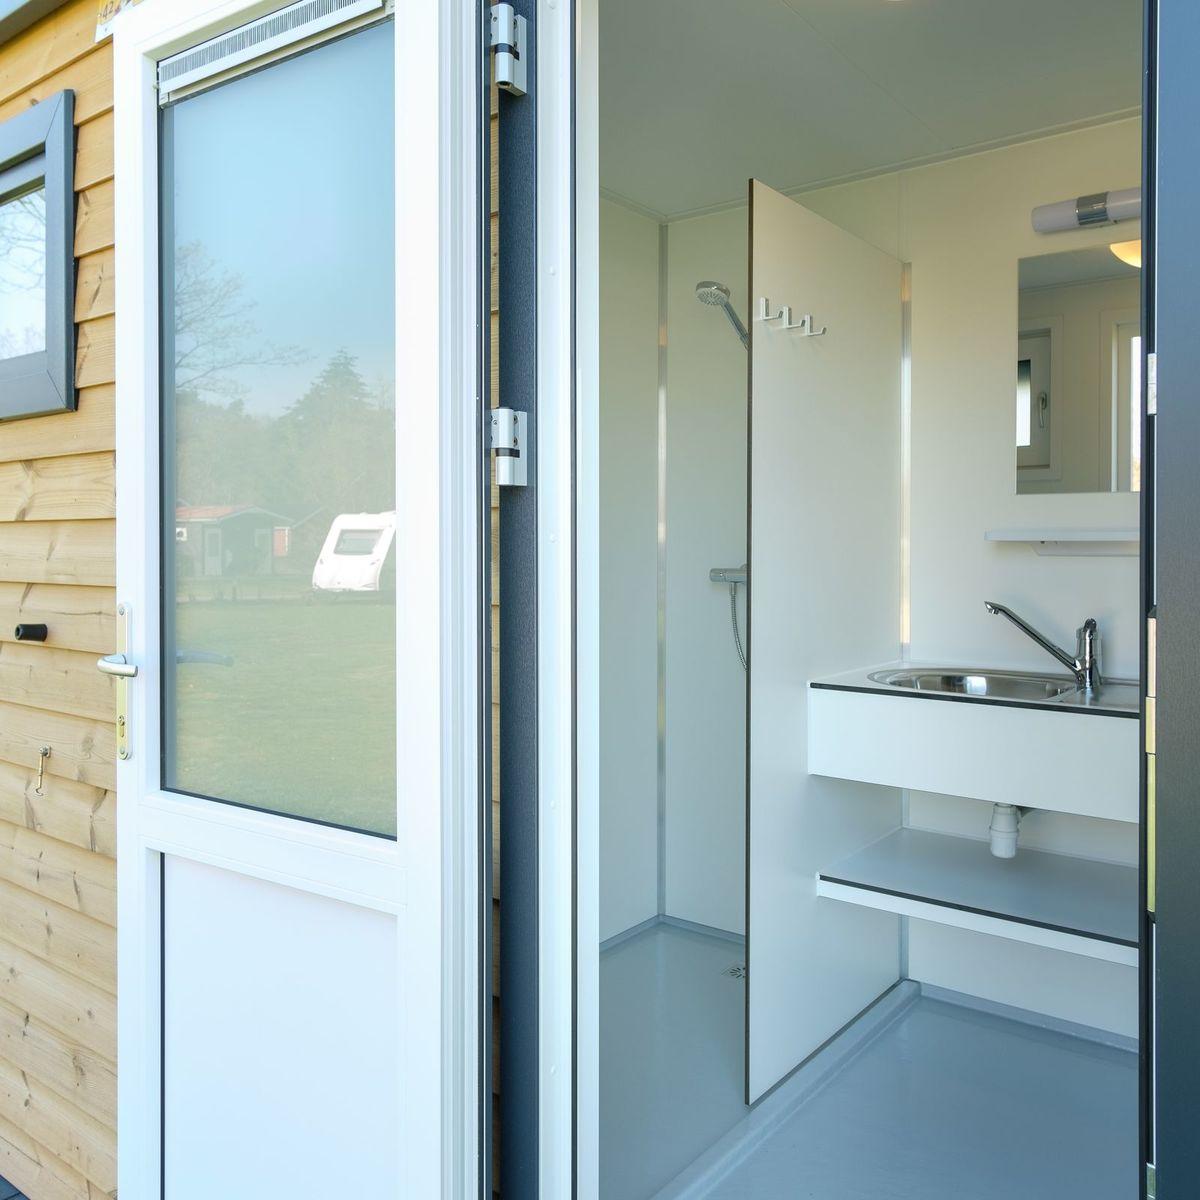 Kampeerplaats met privé sanitair (huisdieren welkom)